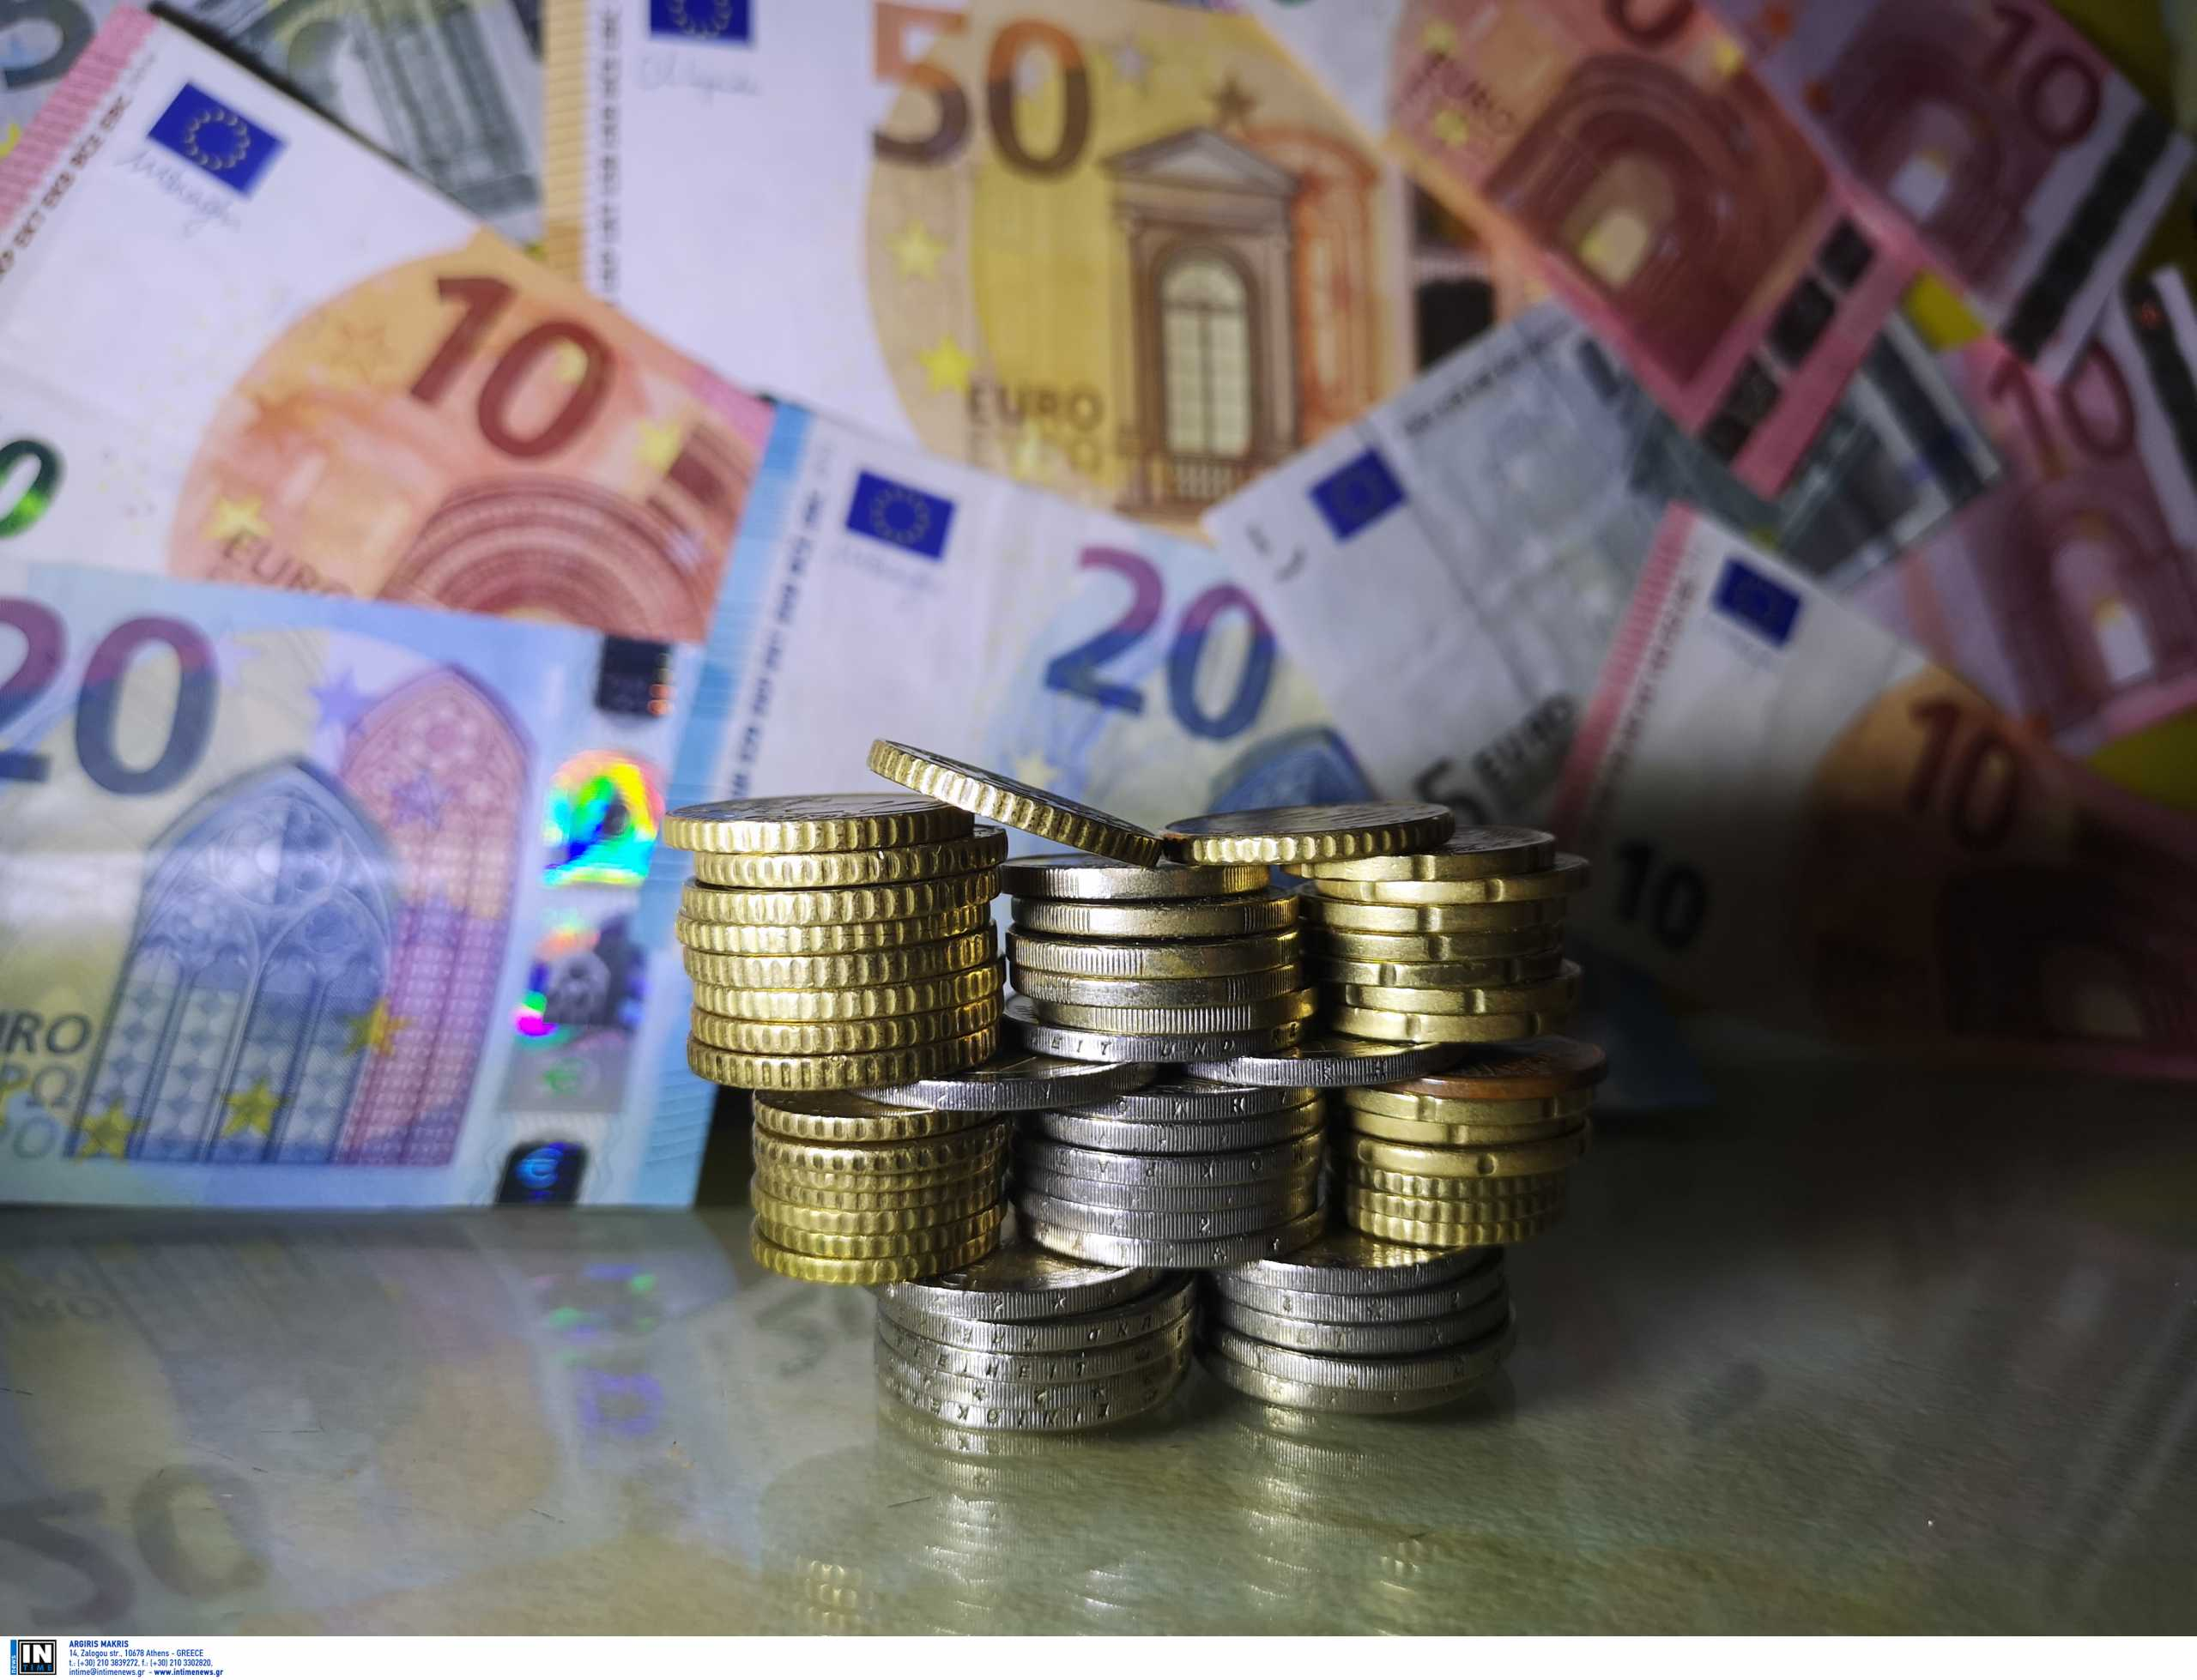 Εξόφληση φόρου εισοδήματος: Μέχρι και 12 άτοκες δόσεις δίνουν οι τράπεζες